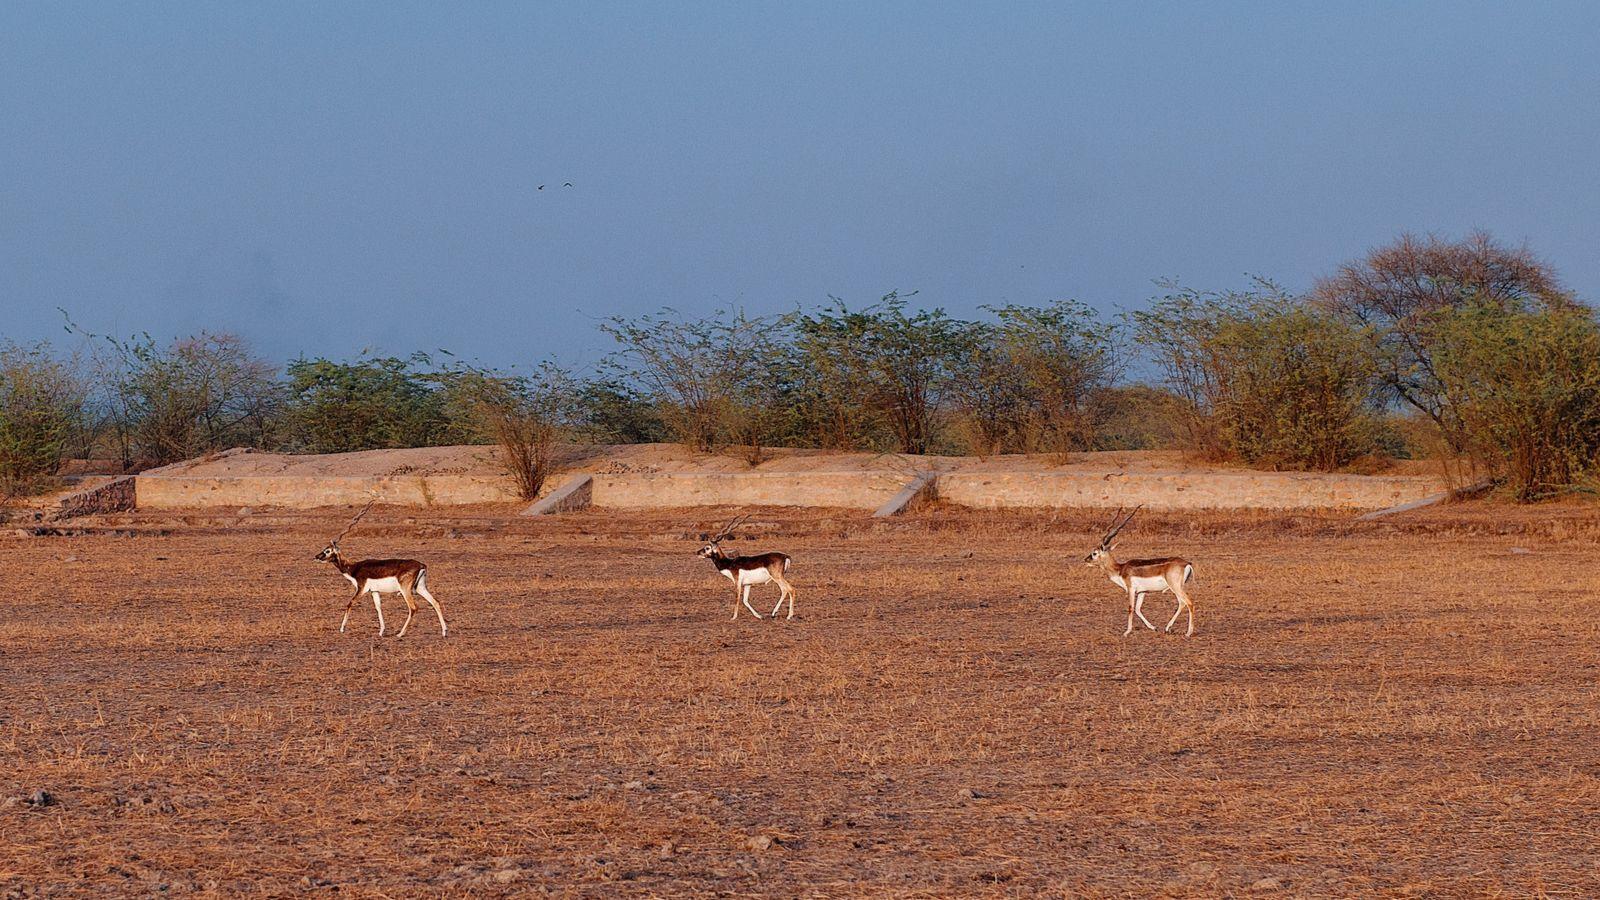 Black bucks roaming freely in village Guda Vishnoiyan near Jodhpur, Rajasthan.